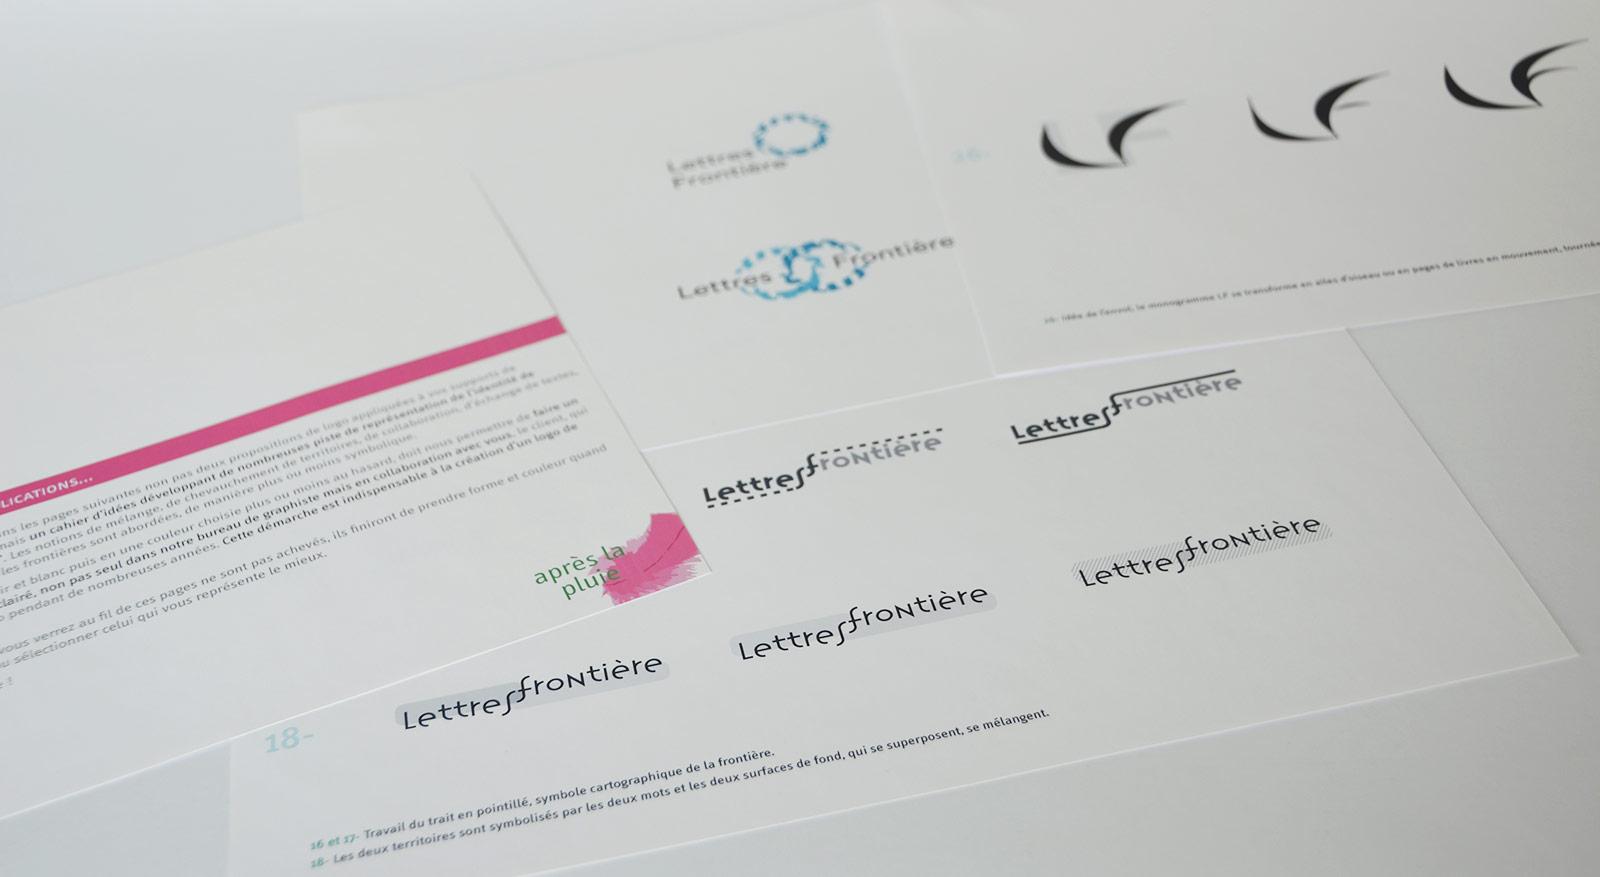 Créaion du logo de Lettres frontière